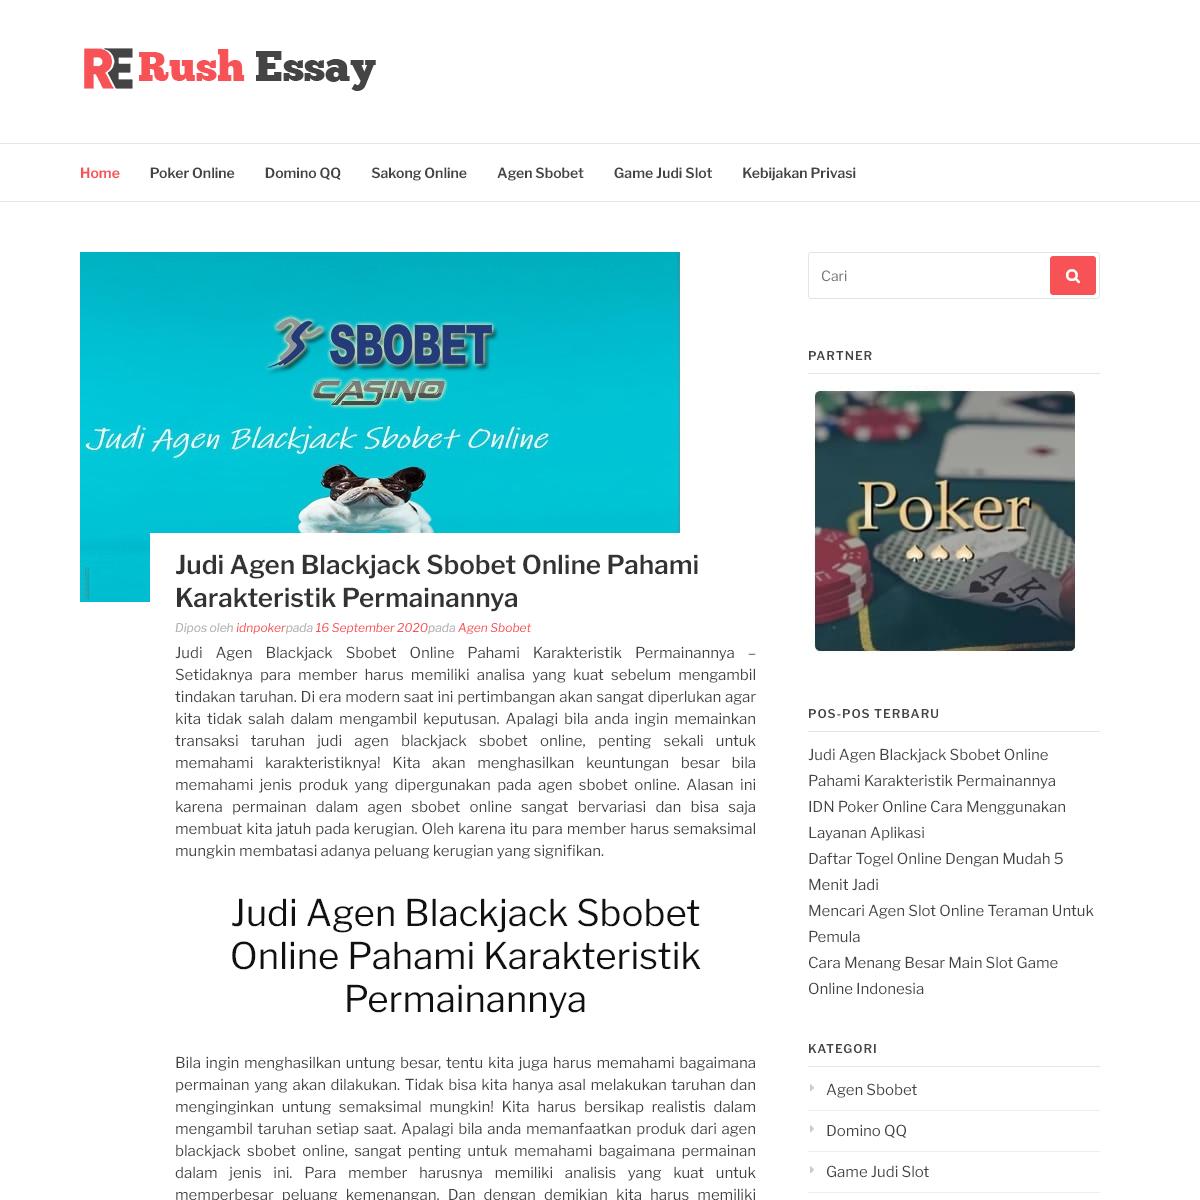 Agen Judi IDN Poker Online Terbaru Di Indonesia Deposit Murah